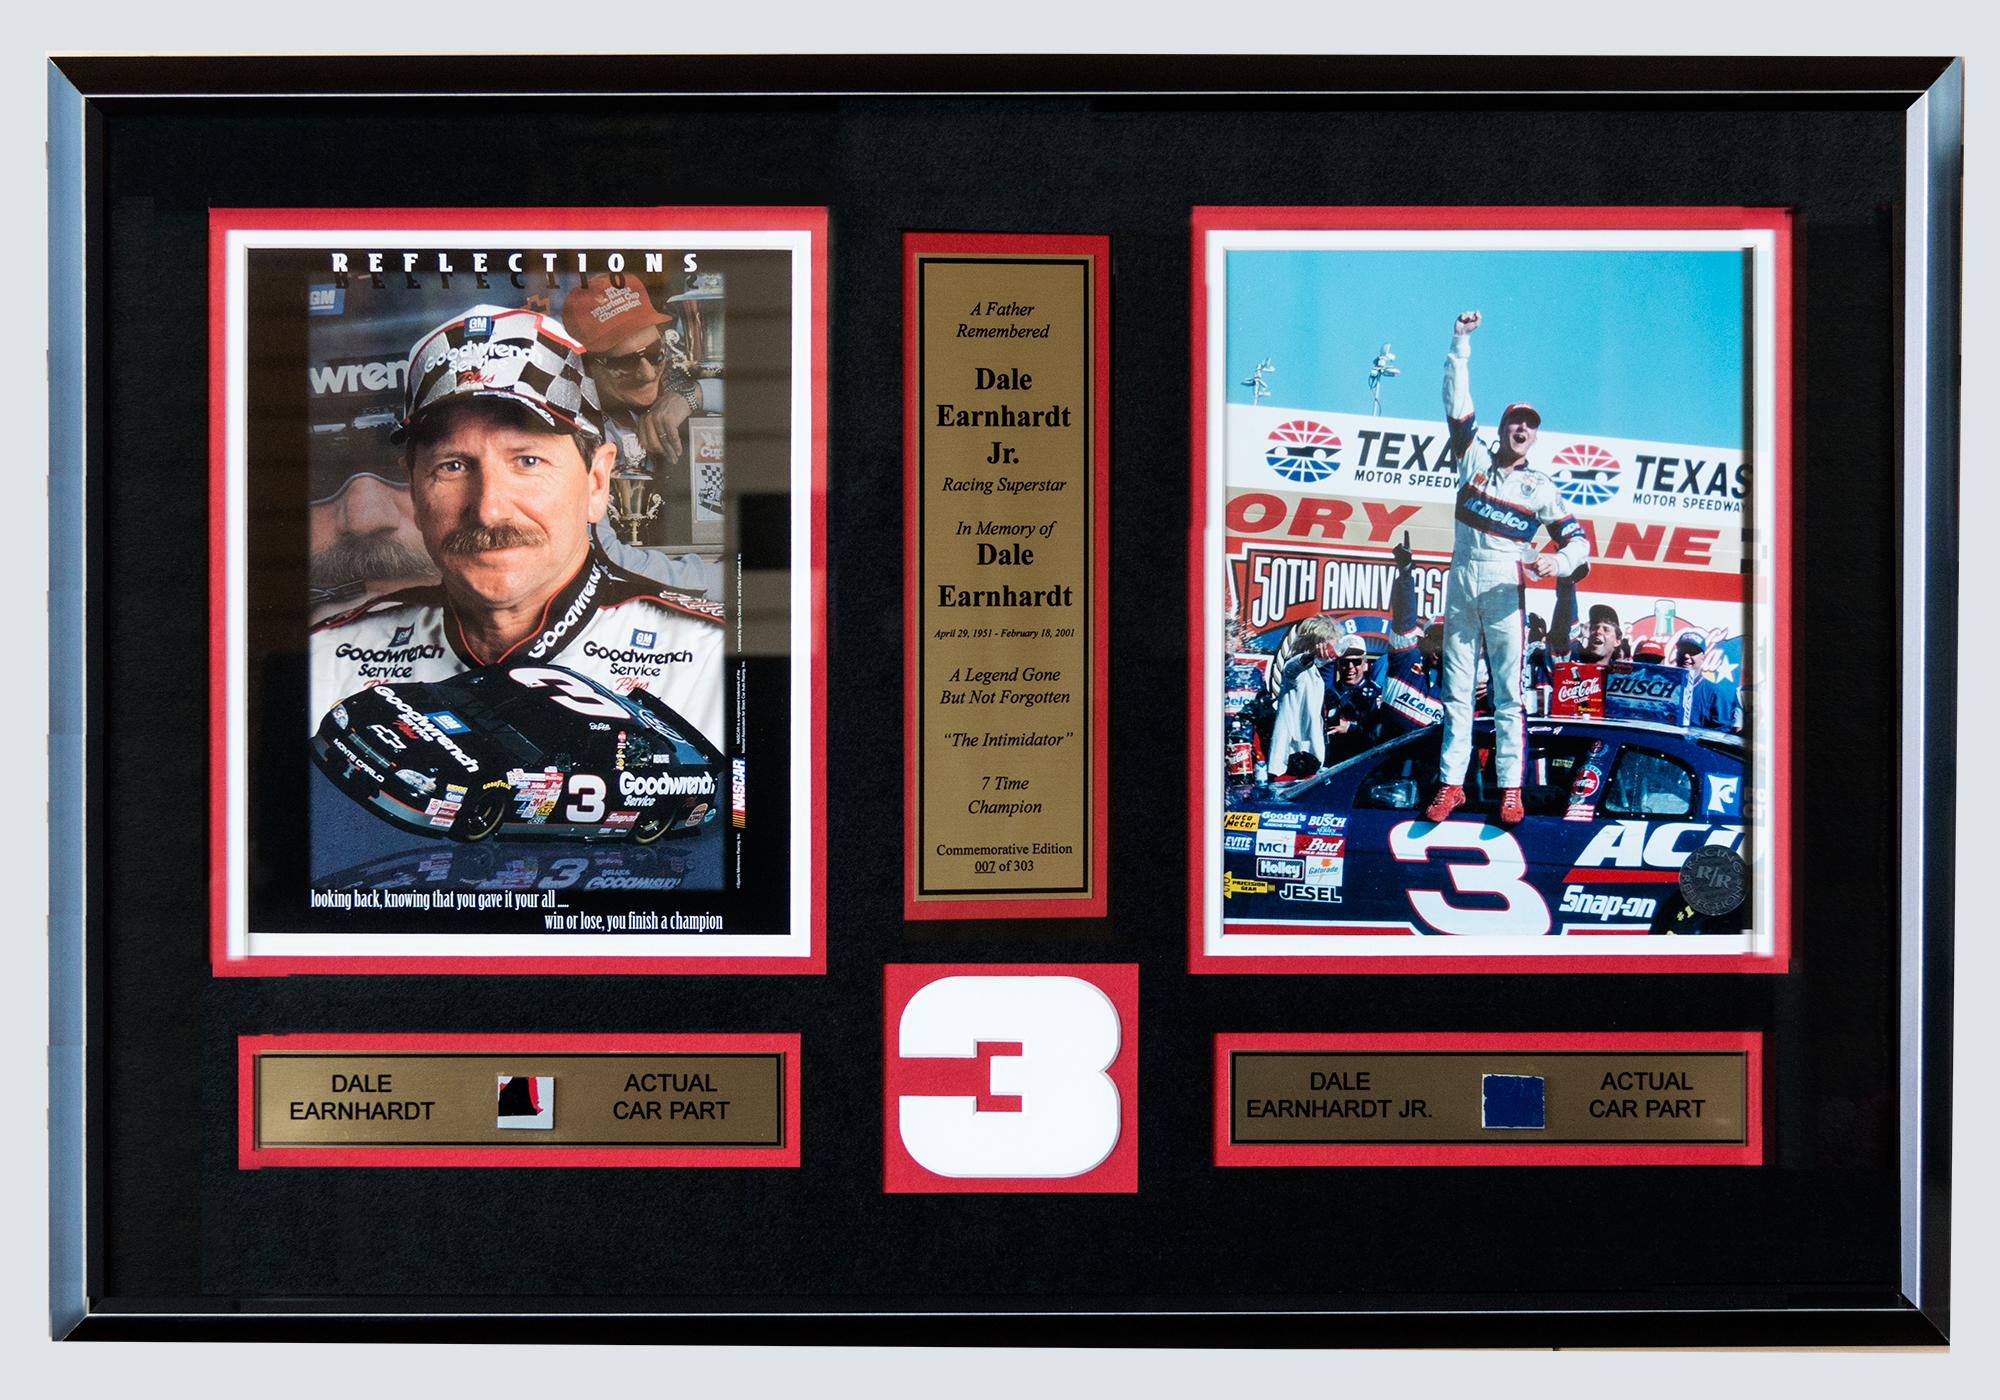 Framed car racing memoriblia